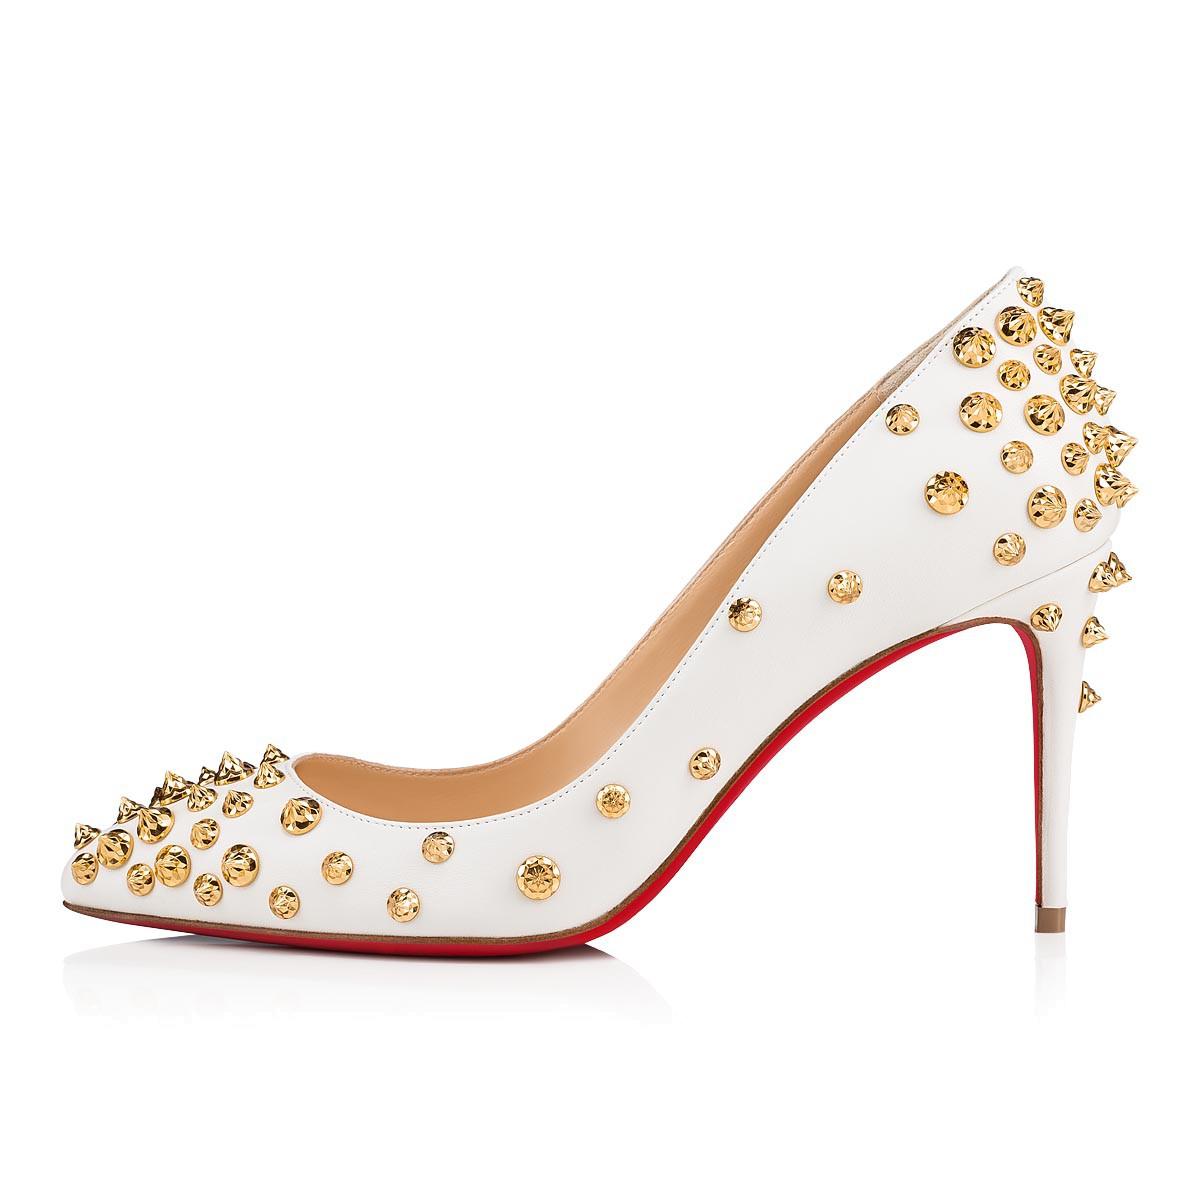 鞋履 - Aimantaclou 085 Nappa - Christian Louboutin